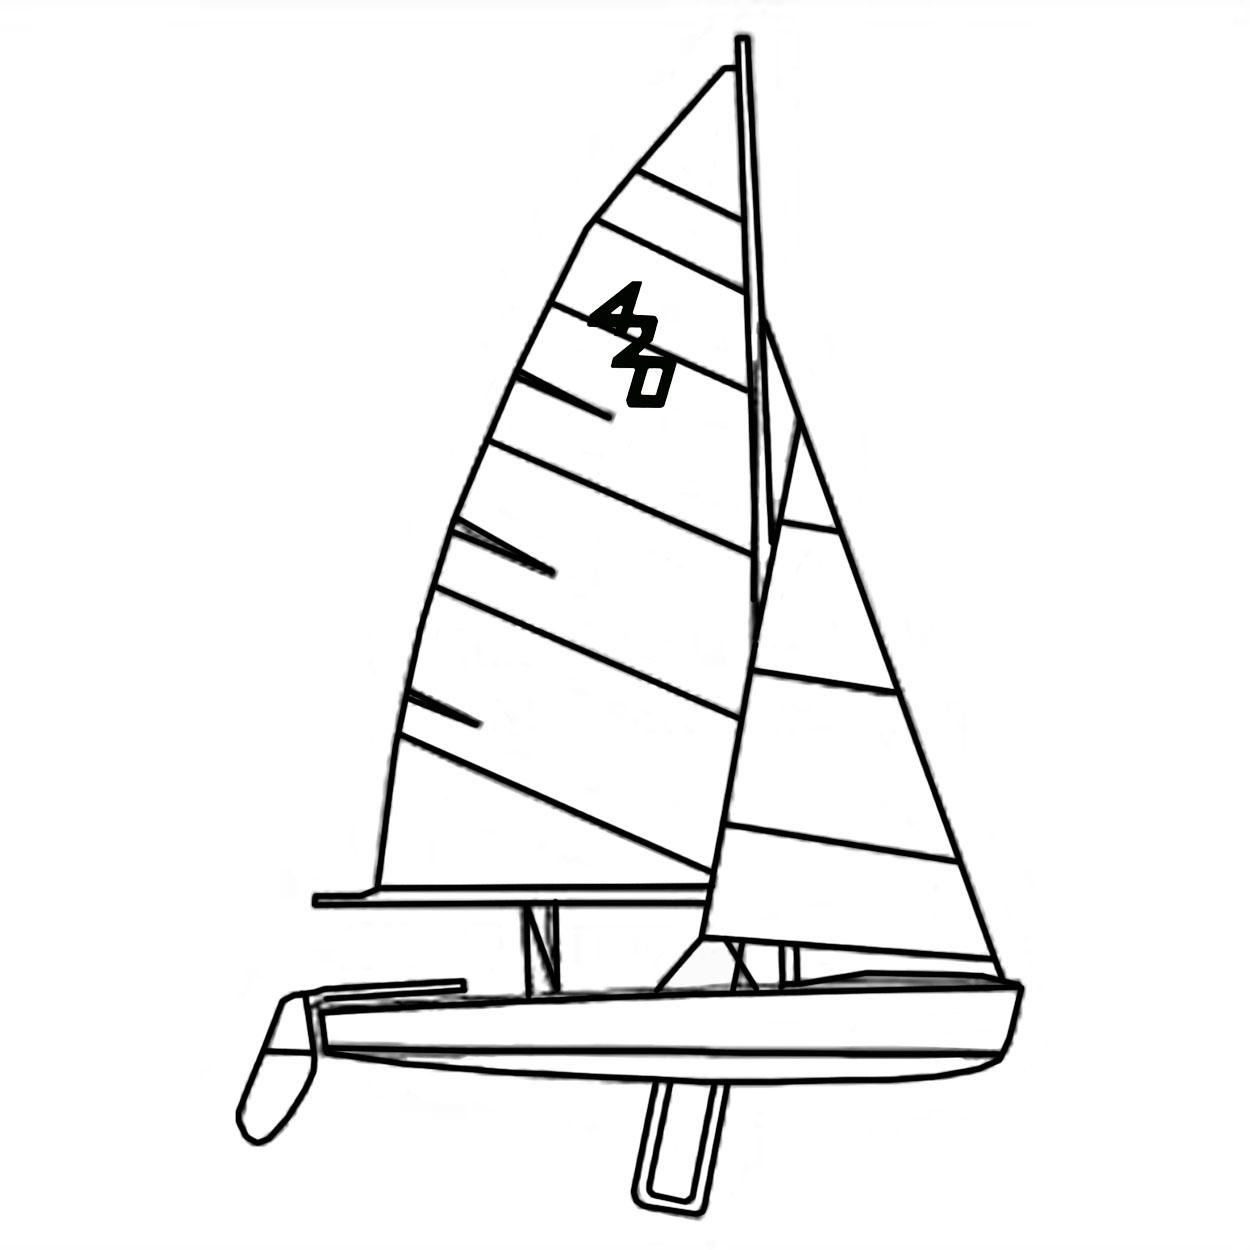 Yacht Parts Diagram